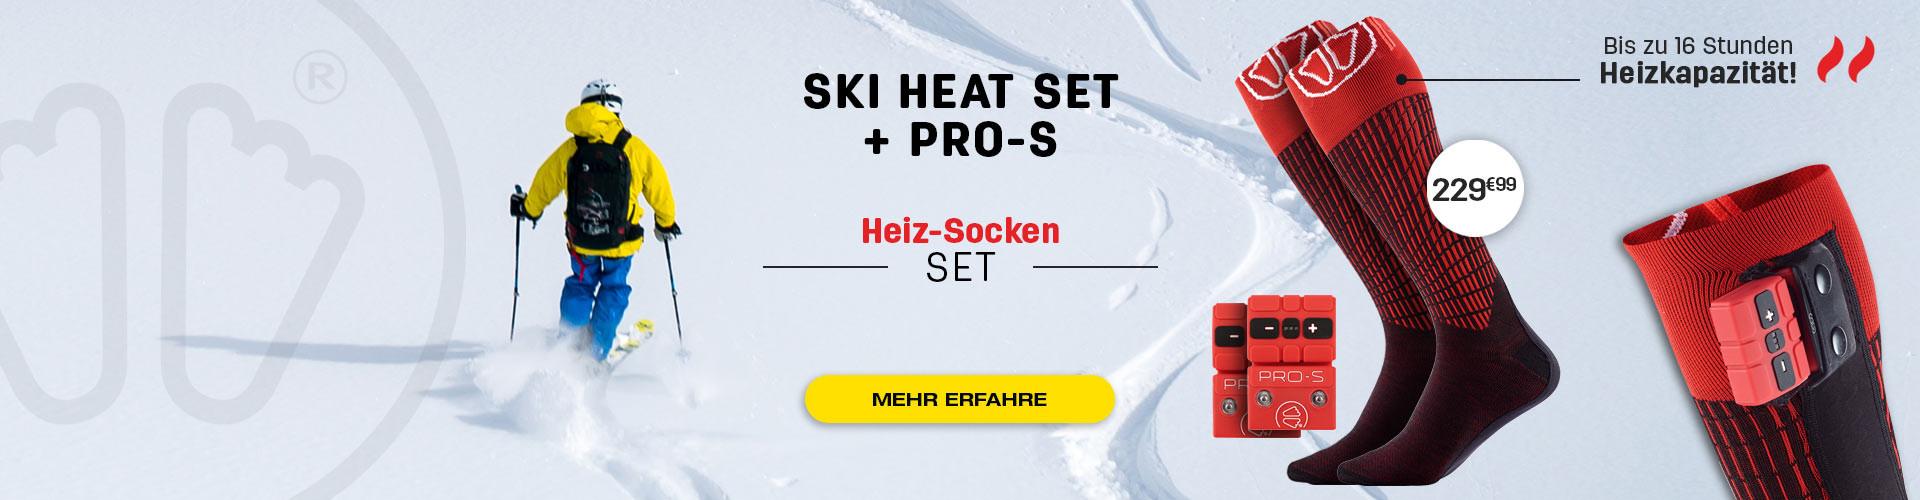 Deine Füße warm in deinen Skischuhen, Glück! Genießen Sie bis zu 16 Stunden Hitze!